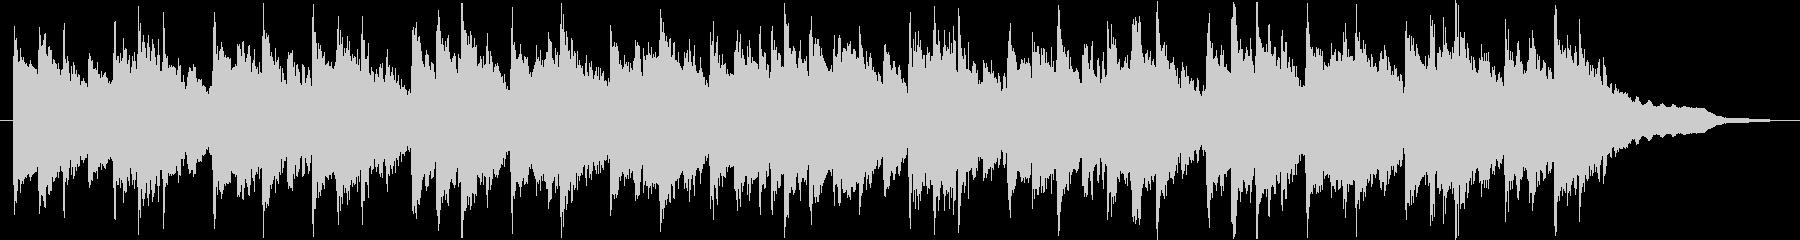 温かい雰囲気のBGM(30ver)の未再生の波形